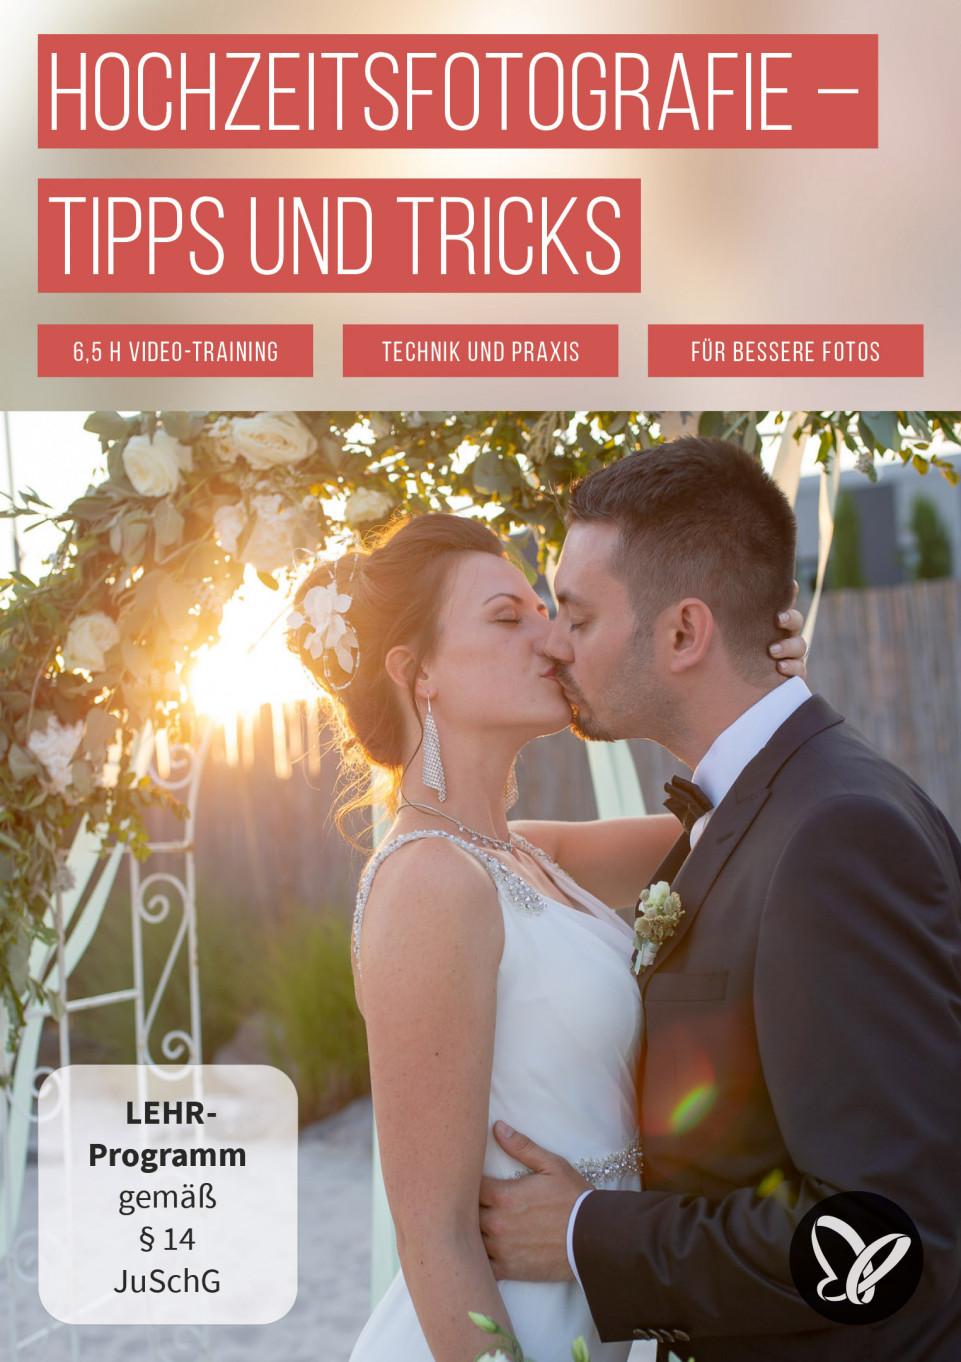 Hochzeitsfotografie: Tipps und Tricks zu Technik, Business und Fotopraxis